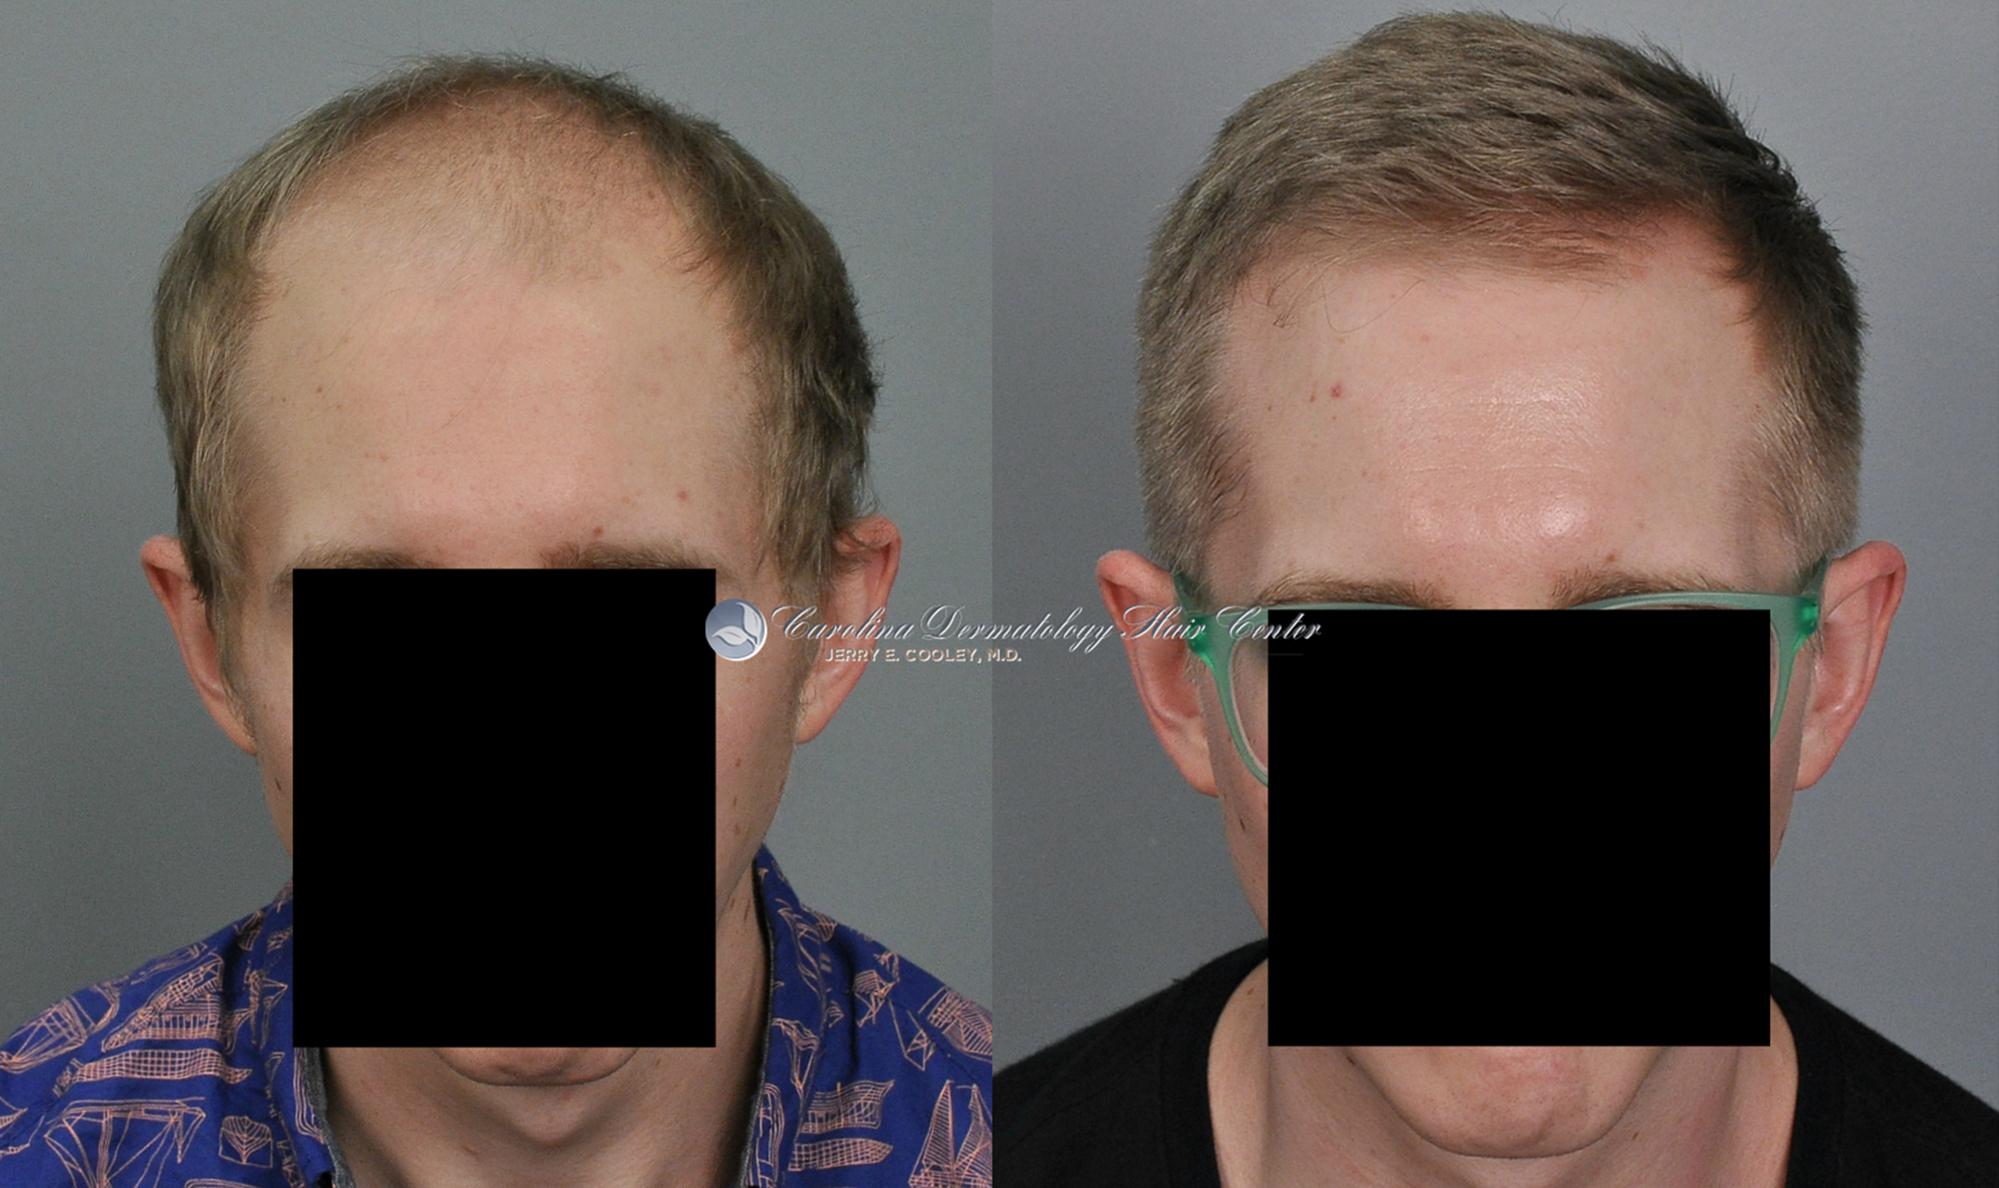 north-carolina-hair-transplant-3618-FUT-1.jpg